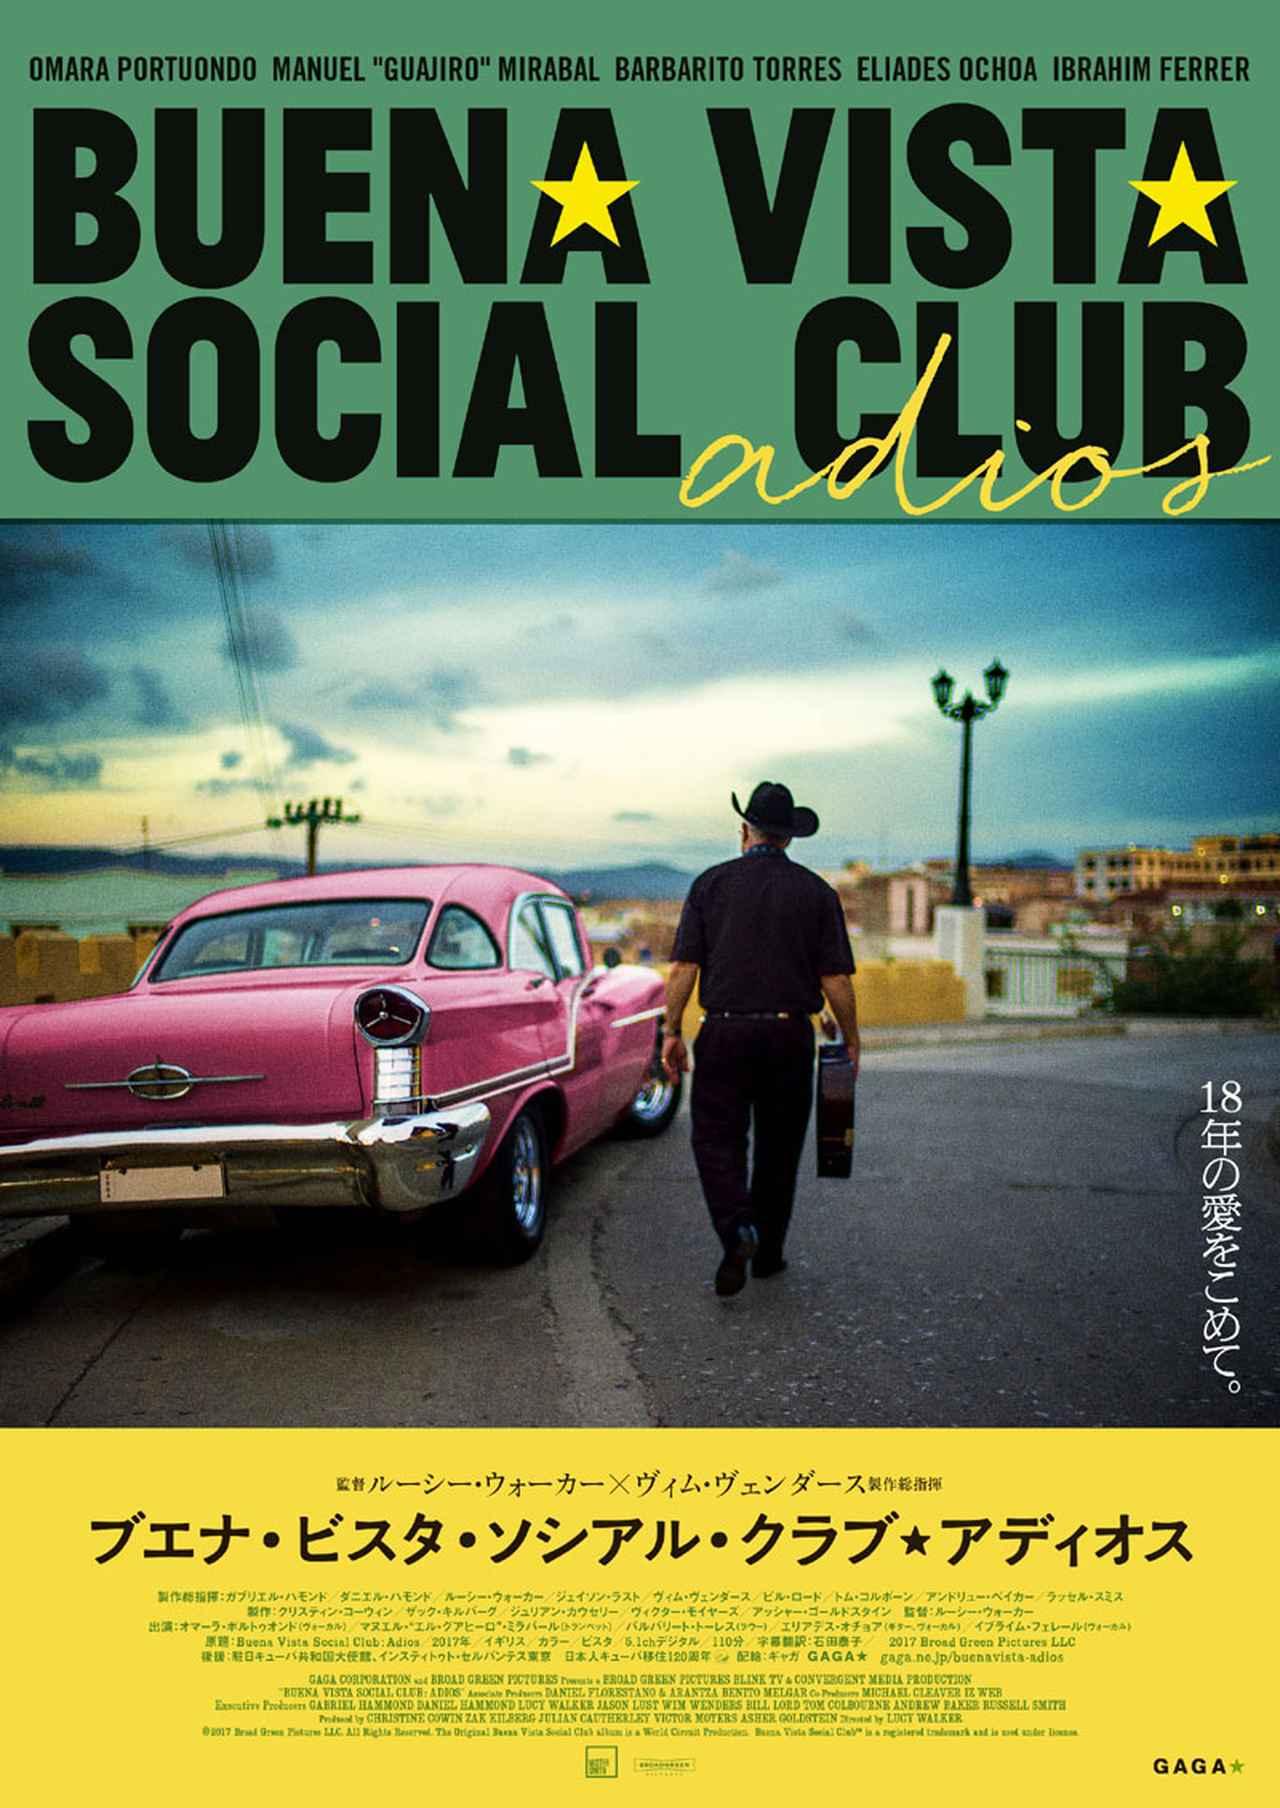 Images : 4番目の画像 - 「【コレミヨ映画館vol.10】『ブエナ・ビスタ・ソシアル・クラブ★アディオス』 あの歌声とリズムが帰ってきた! キューバ音楽の魅力を伝える人気ドキュメンタリーの第2弾」のアルバム - Stereo Sound ONLINE